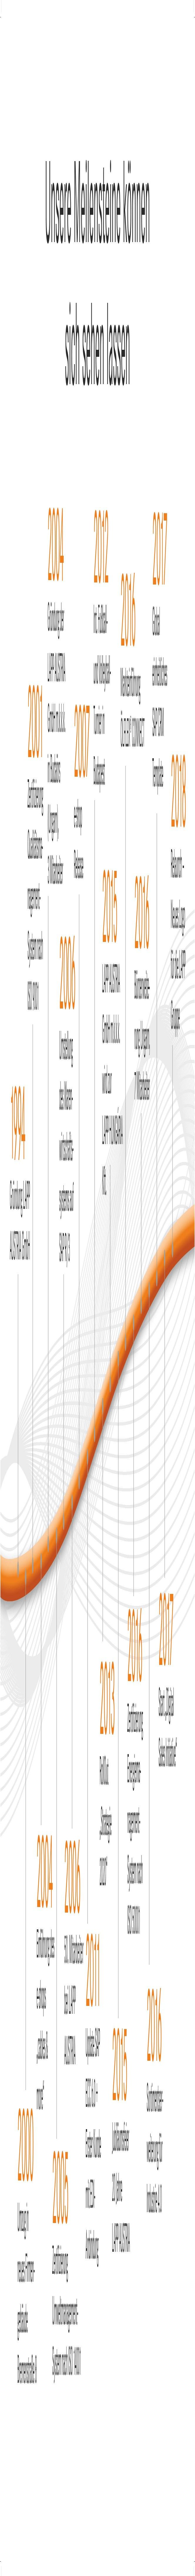 Plakat Meilensteine 110x110 FINAL - Druckdaten